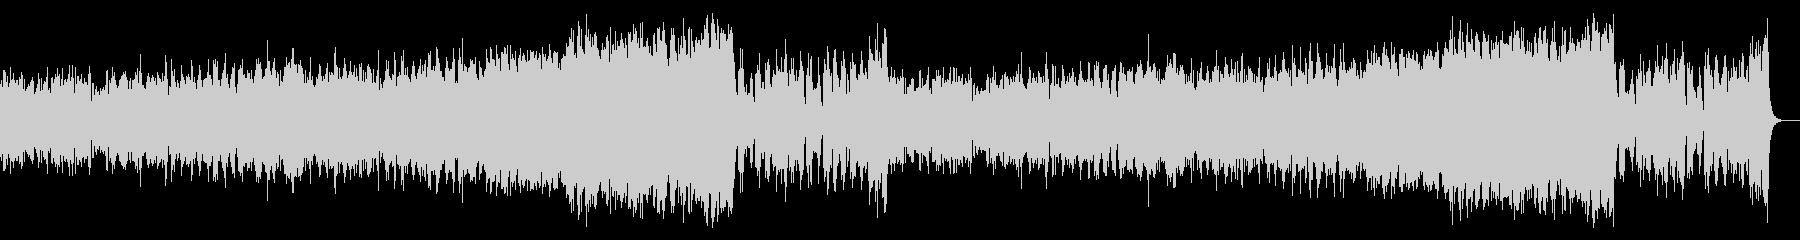 フルオーケストラ。RPGオープニング風2の未再生の波形